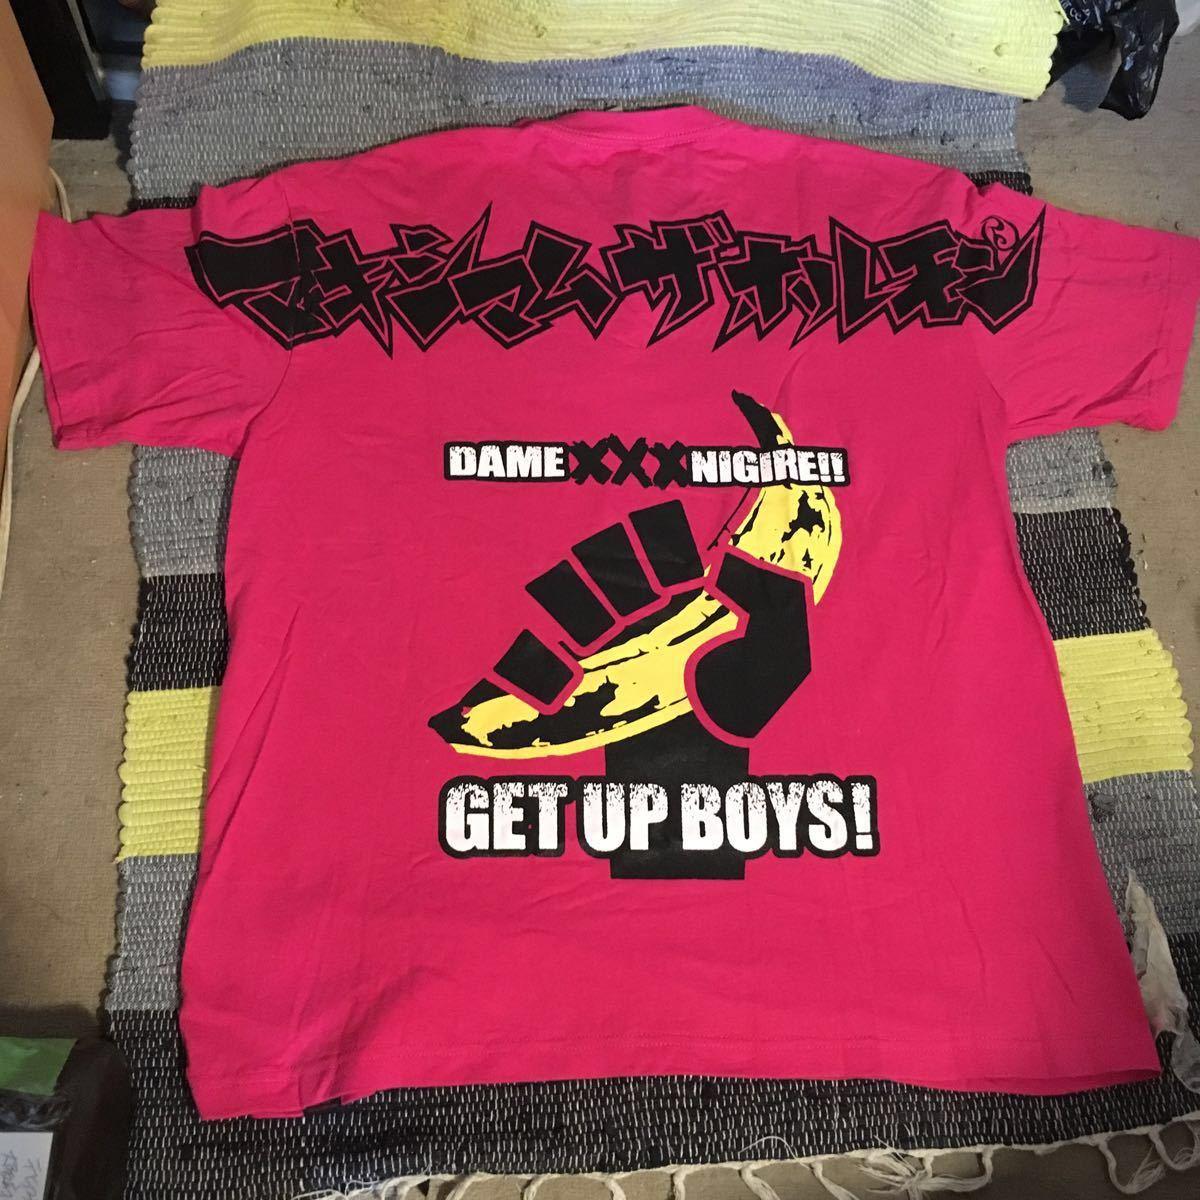 未使用新品 /マキシマム ザ ホルモン Tシャツ ピンク DAME XXX NIGIRE!! GET UP BOYS! PINK XL/maximum the Hormon shirts